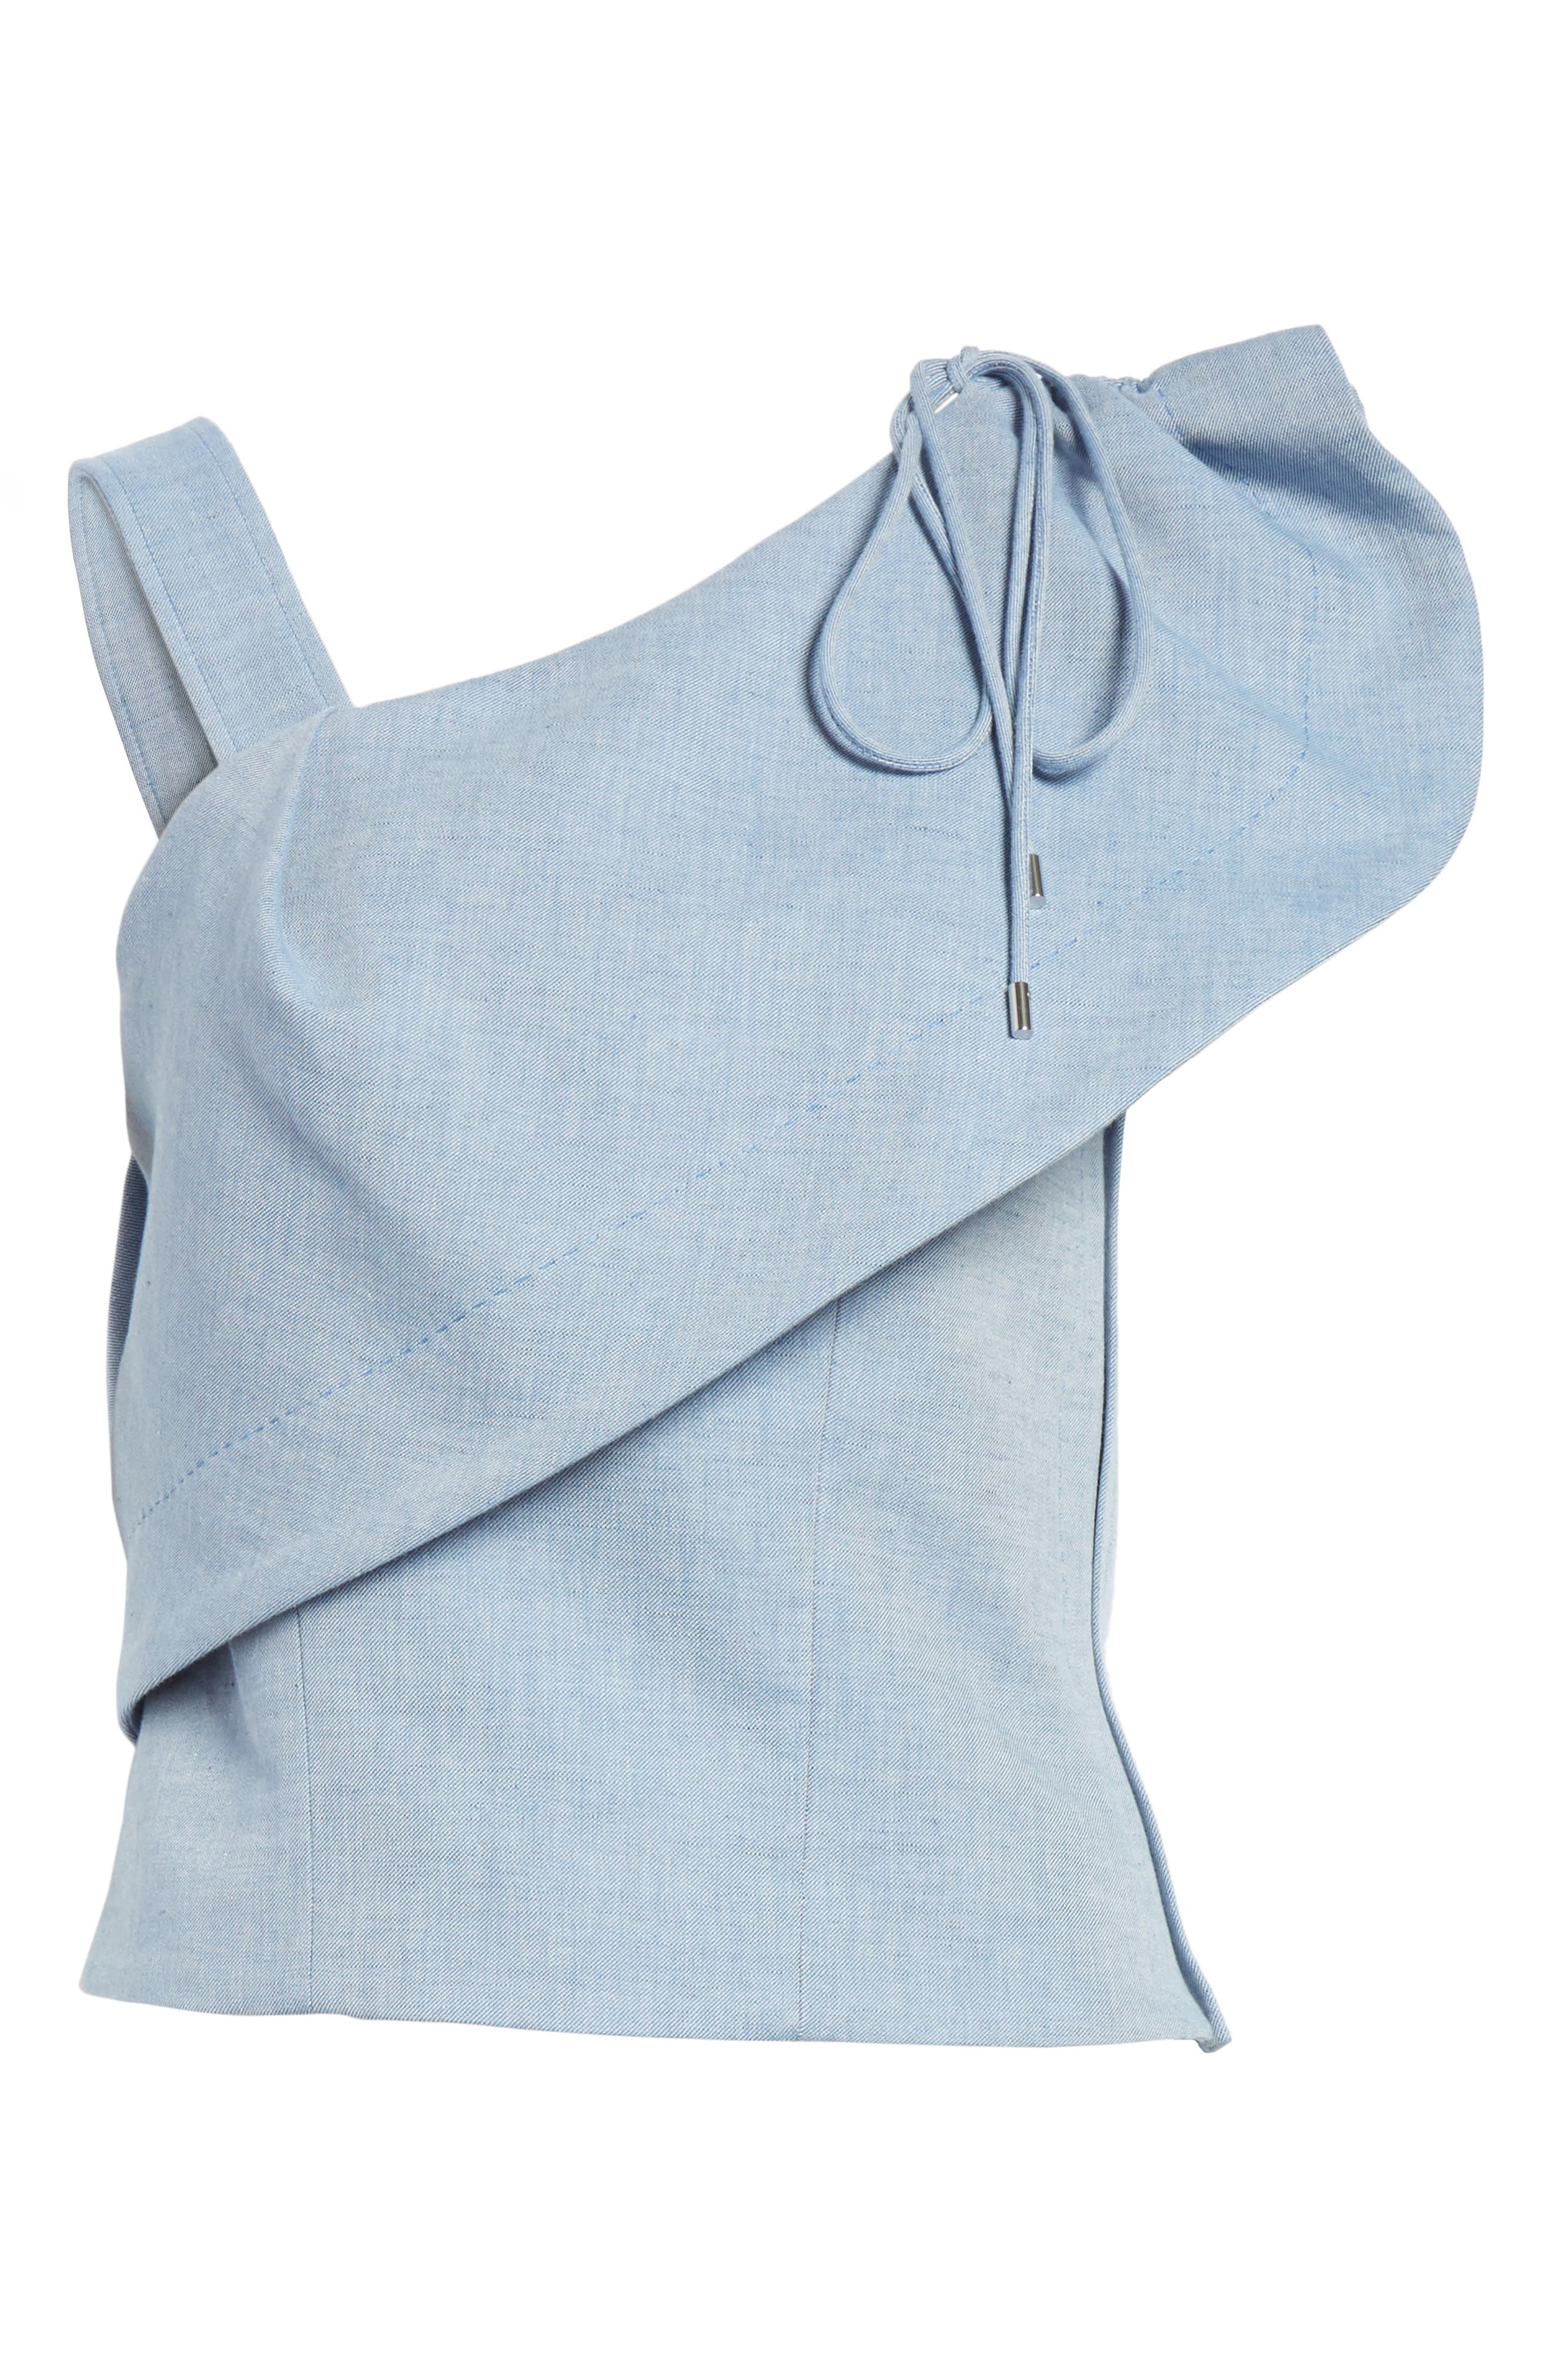 One-Shoulder Cotton & Linen Blend Top,                             Alternate thumbnail 6, color,                             400